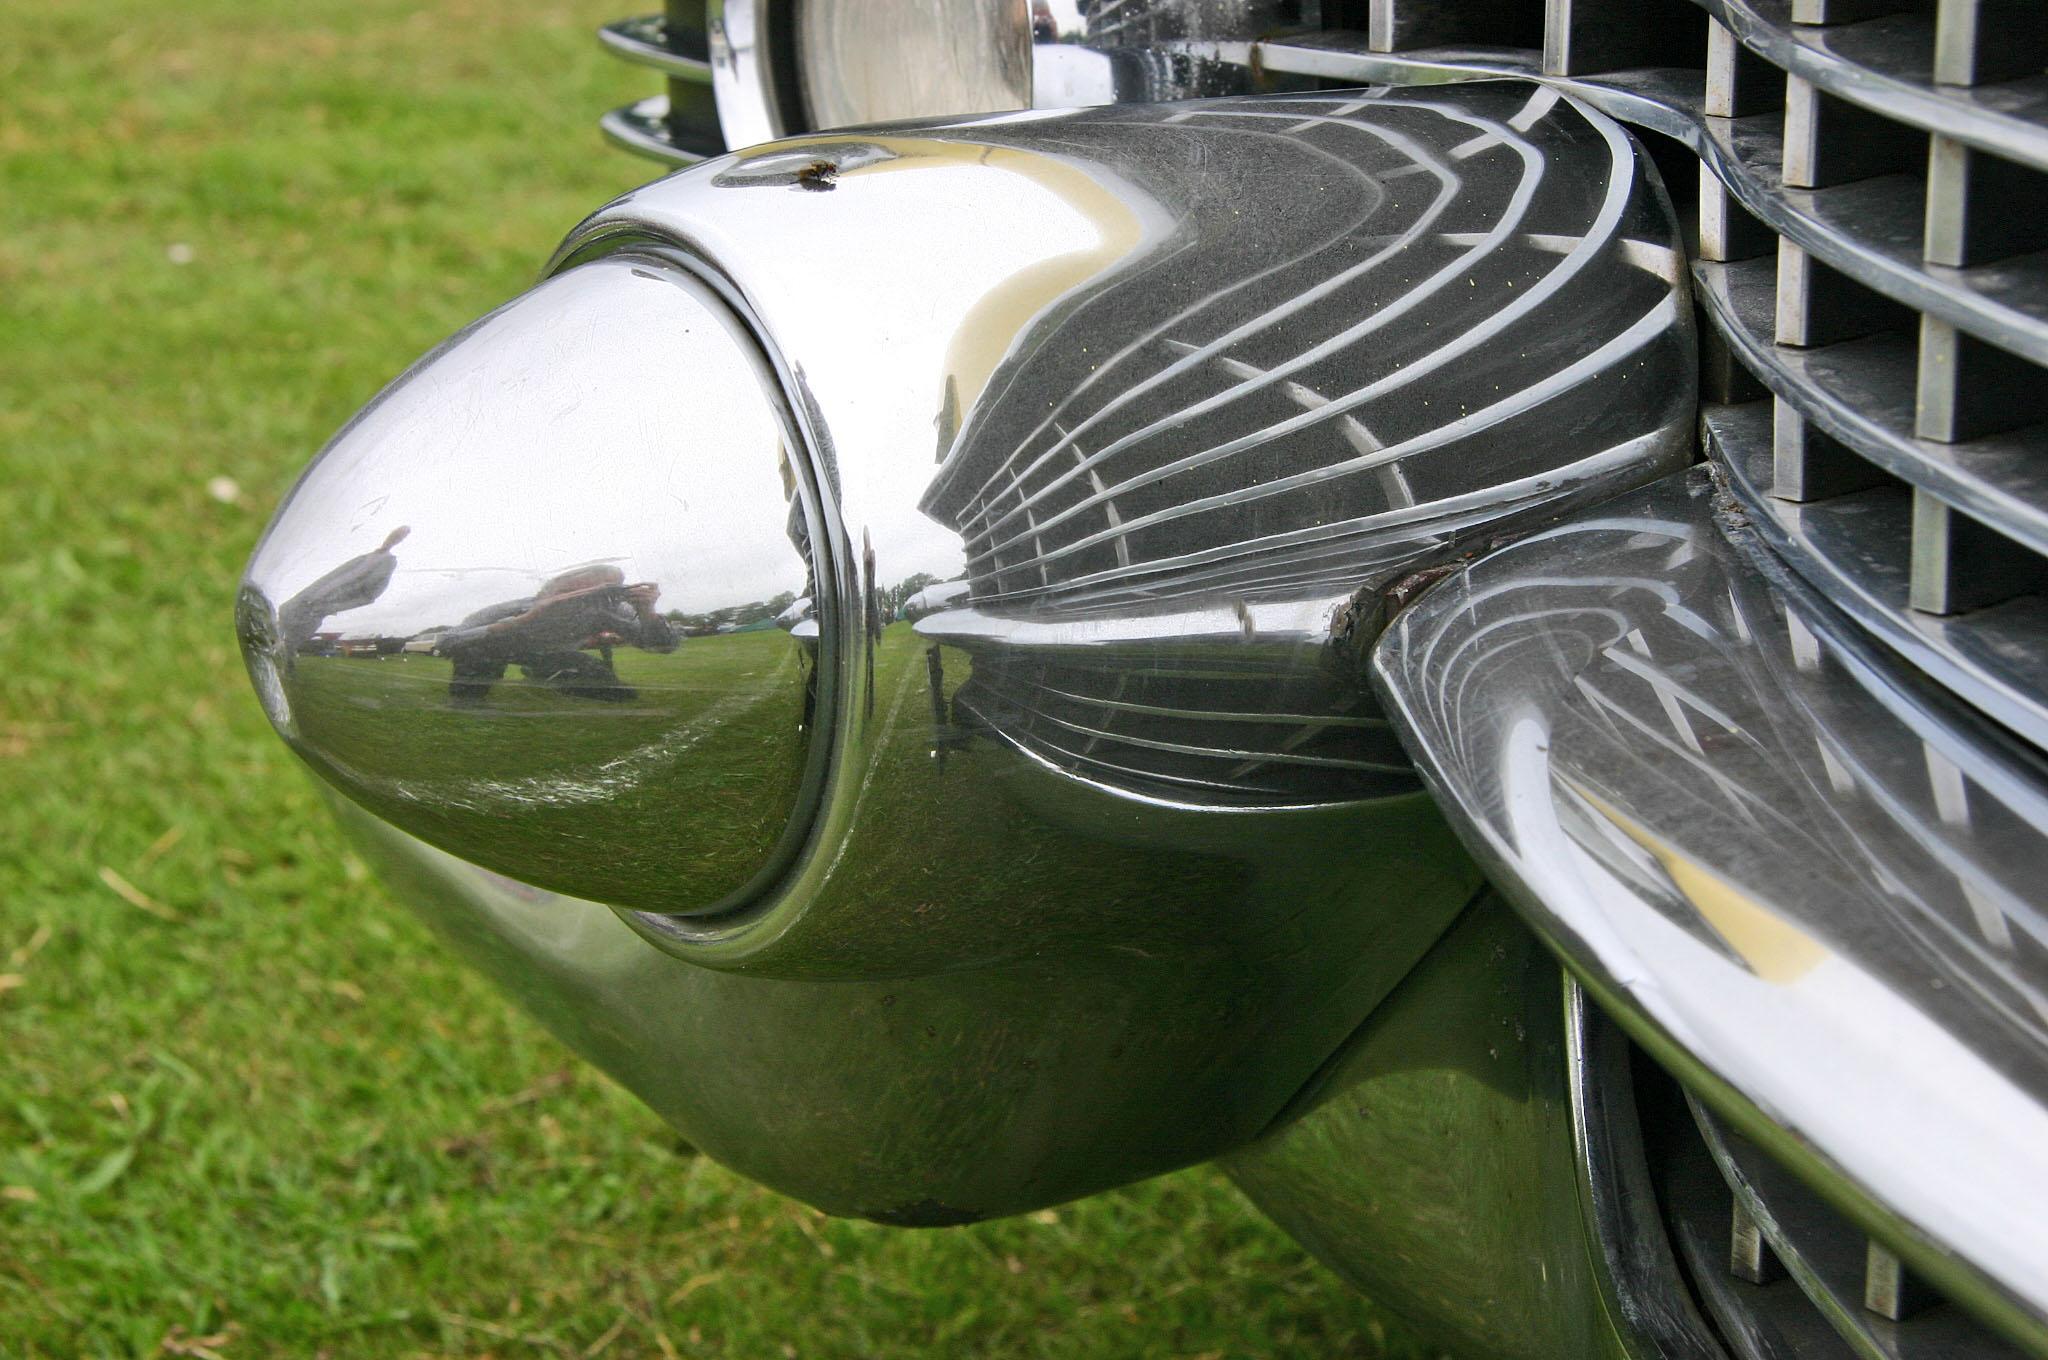 Filecadillac Coupe De Ville 1954 Bumper Wikimedia Commons Cadillac Deville